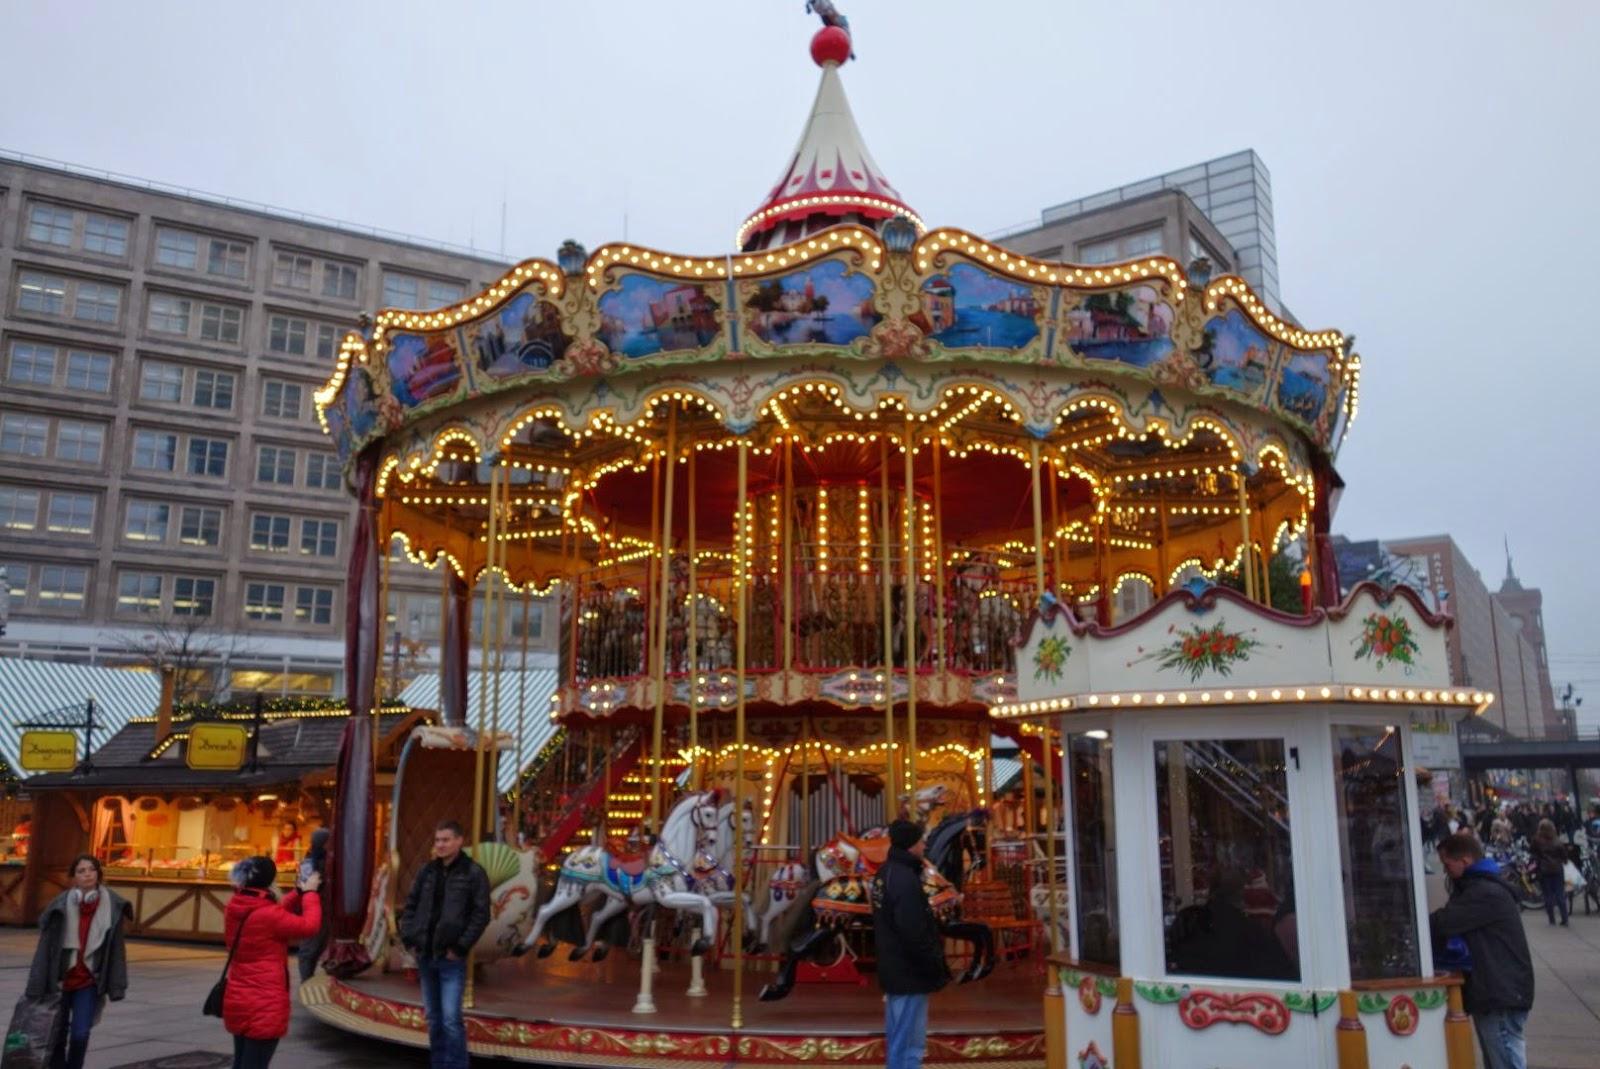 Runzelfuesschen Weihnachten in Berlin